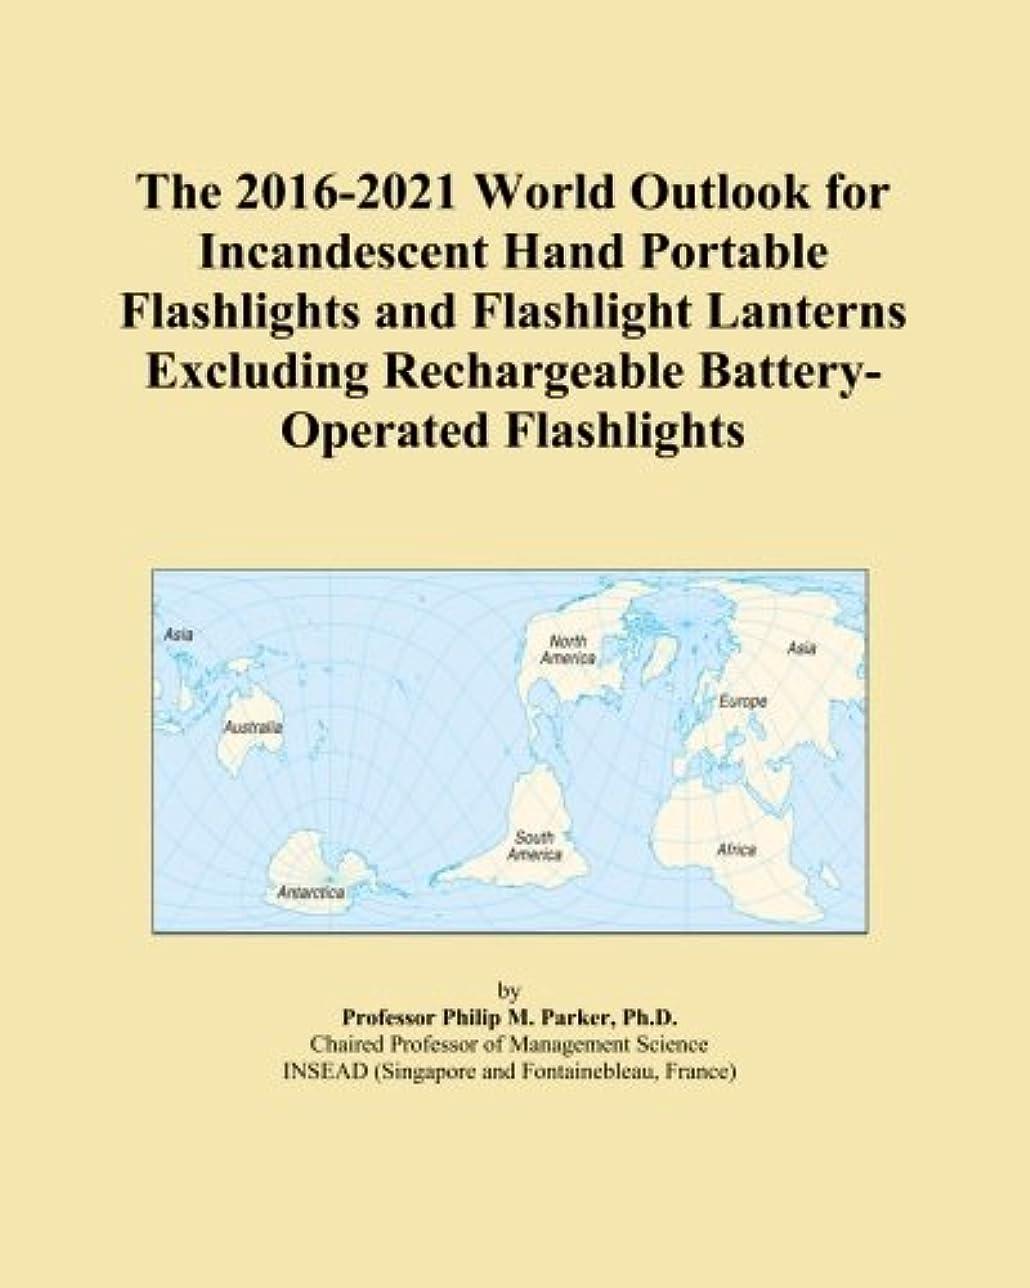 狼ルー着服The 2016-2021 World Outlook for Incandescent Hand Portable Flashlights and Flashlight Lanterns Excluding Rechargeable Battery-Operated Flashlights